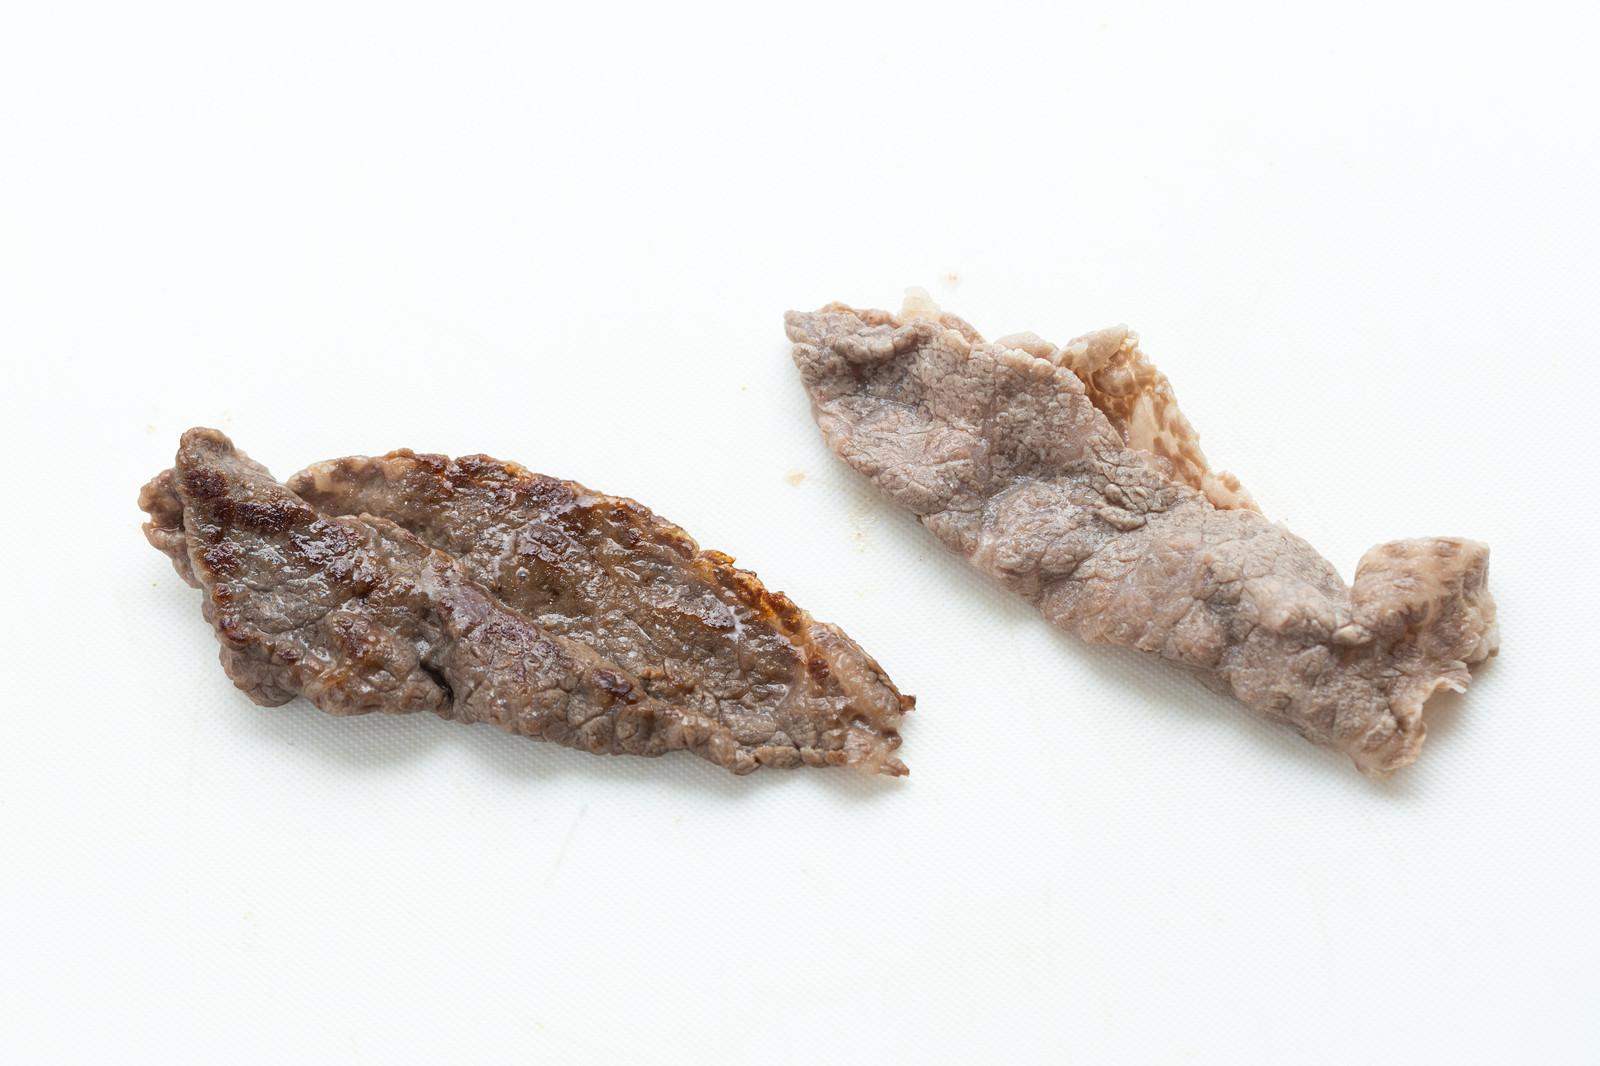 「焼いた肉と茹でた肉」の写真